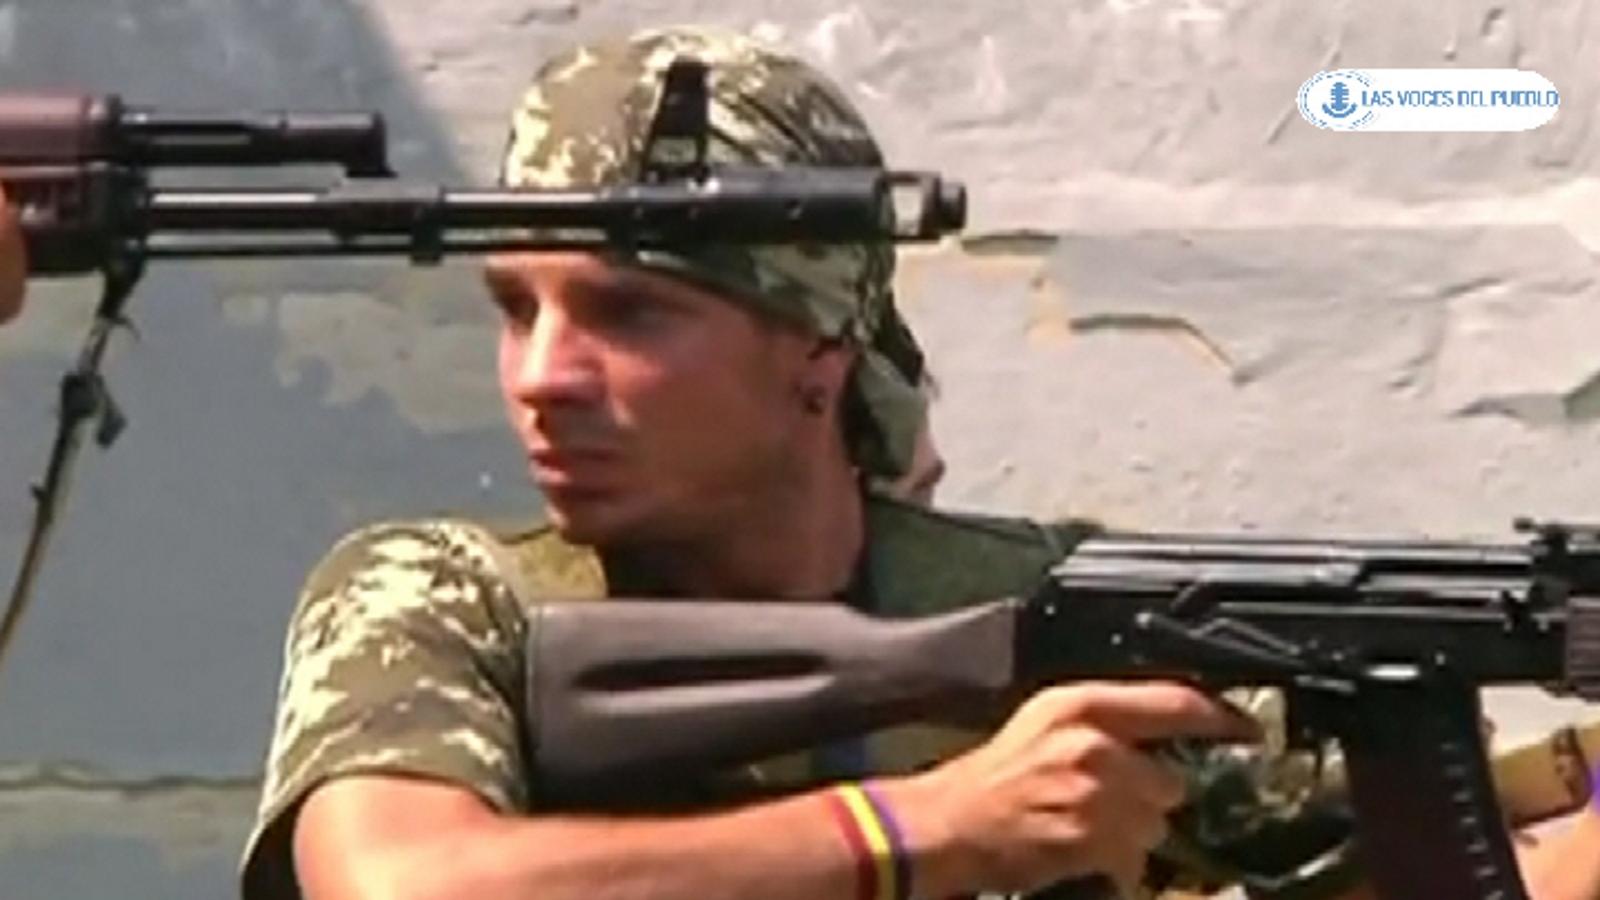 Dos españoles republicanos combatiendo con separatistas prorusos ucranianos contra el Gobierno de Kiev (9).Movie_Instantánea